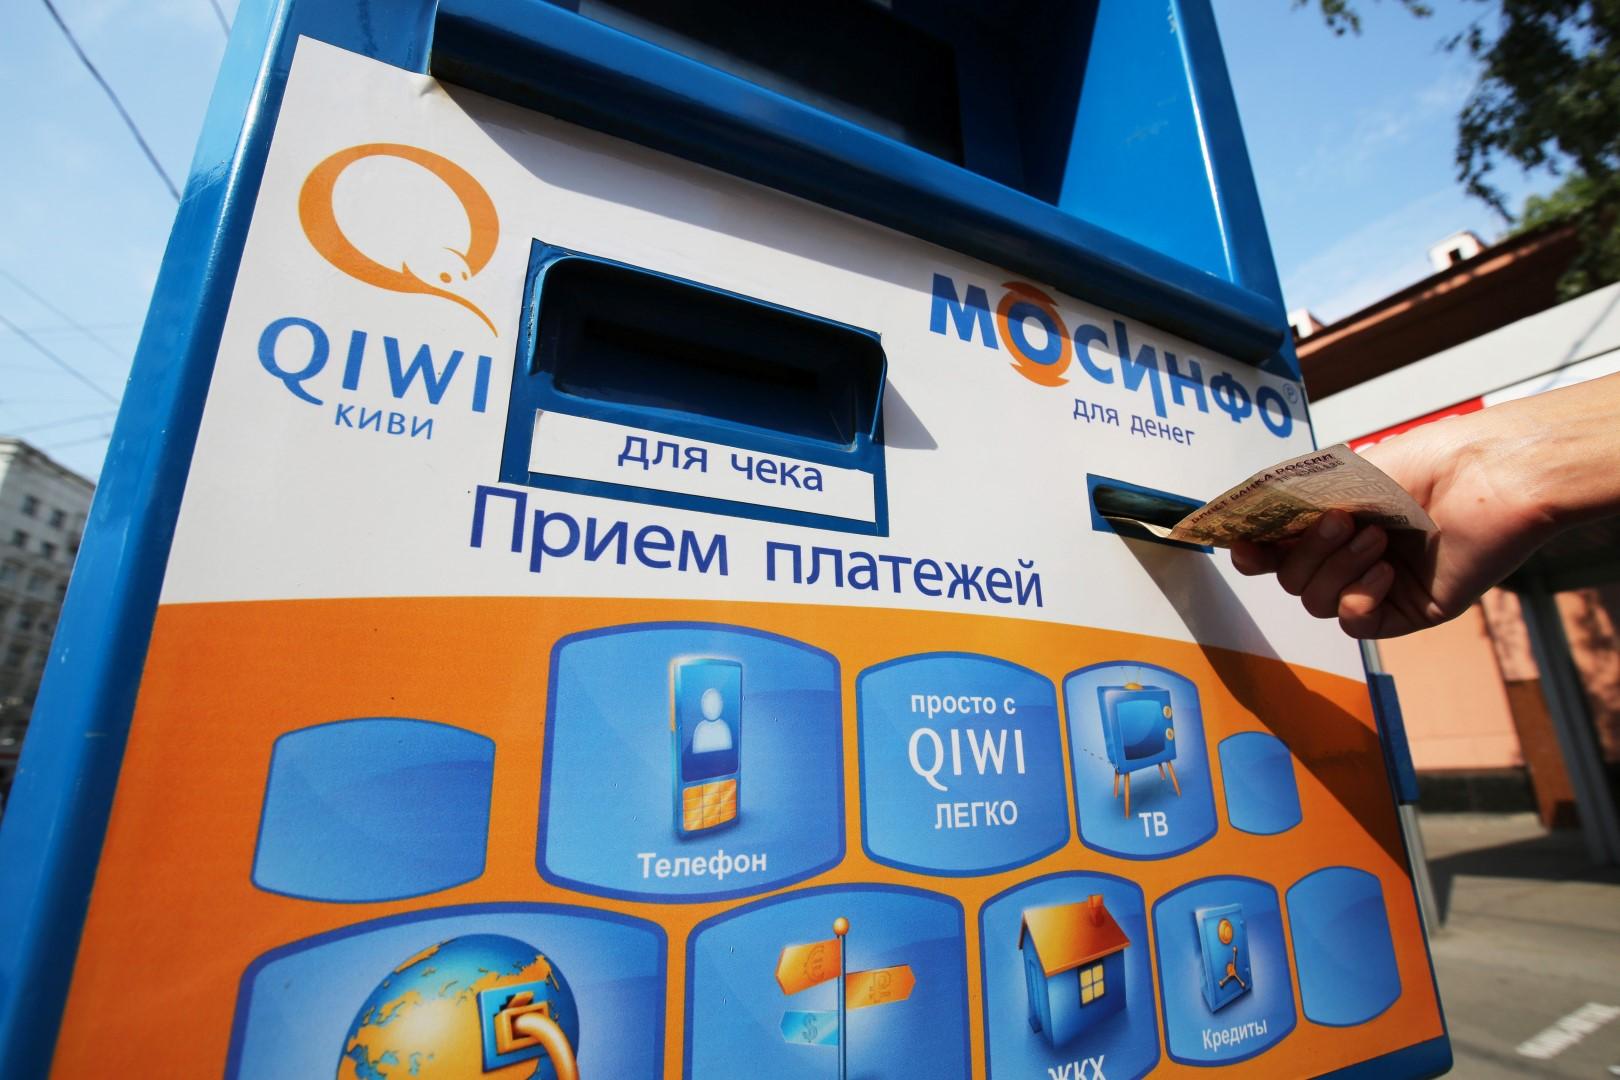 В QIWI прокомментировали возможный отзыв лицензии у банка компании